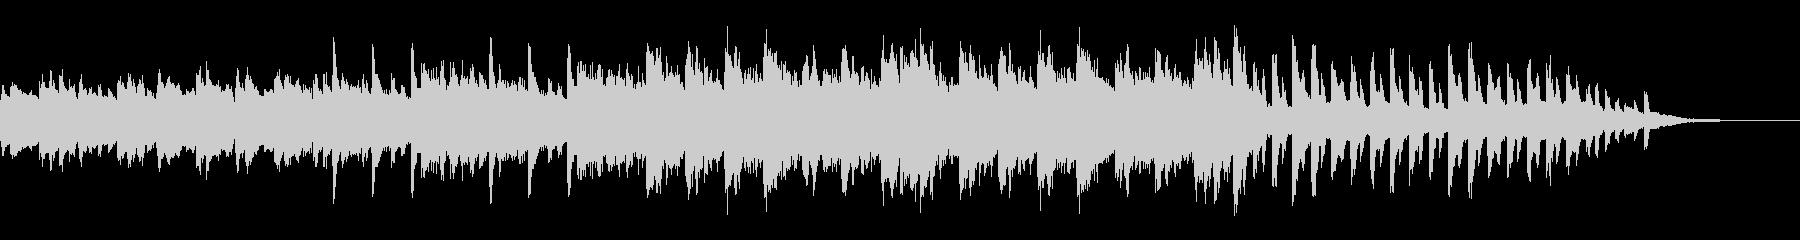 サイレントヒル風 悲しいピアノバラードの未再生の波形